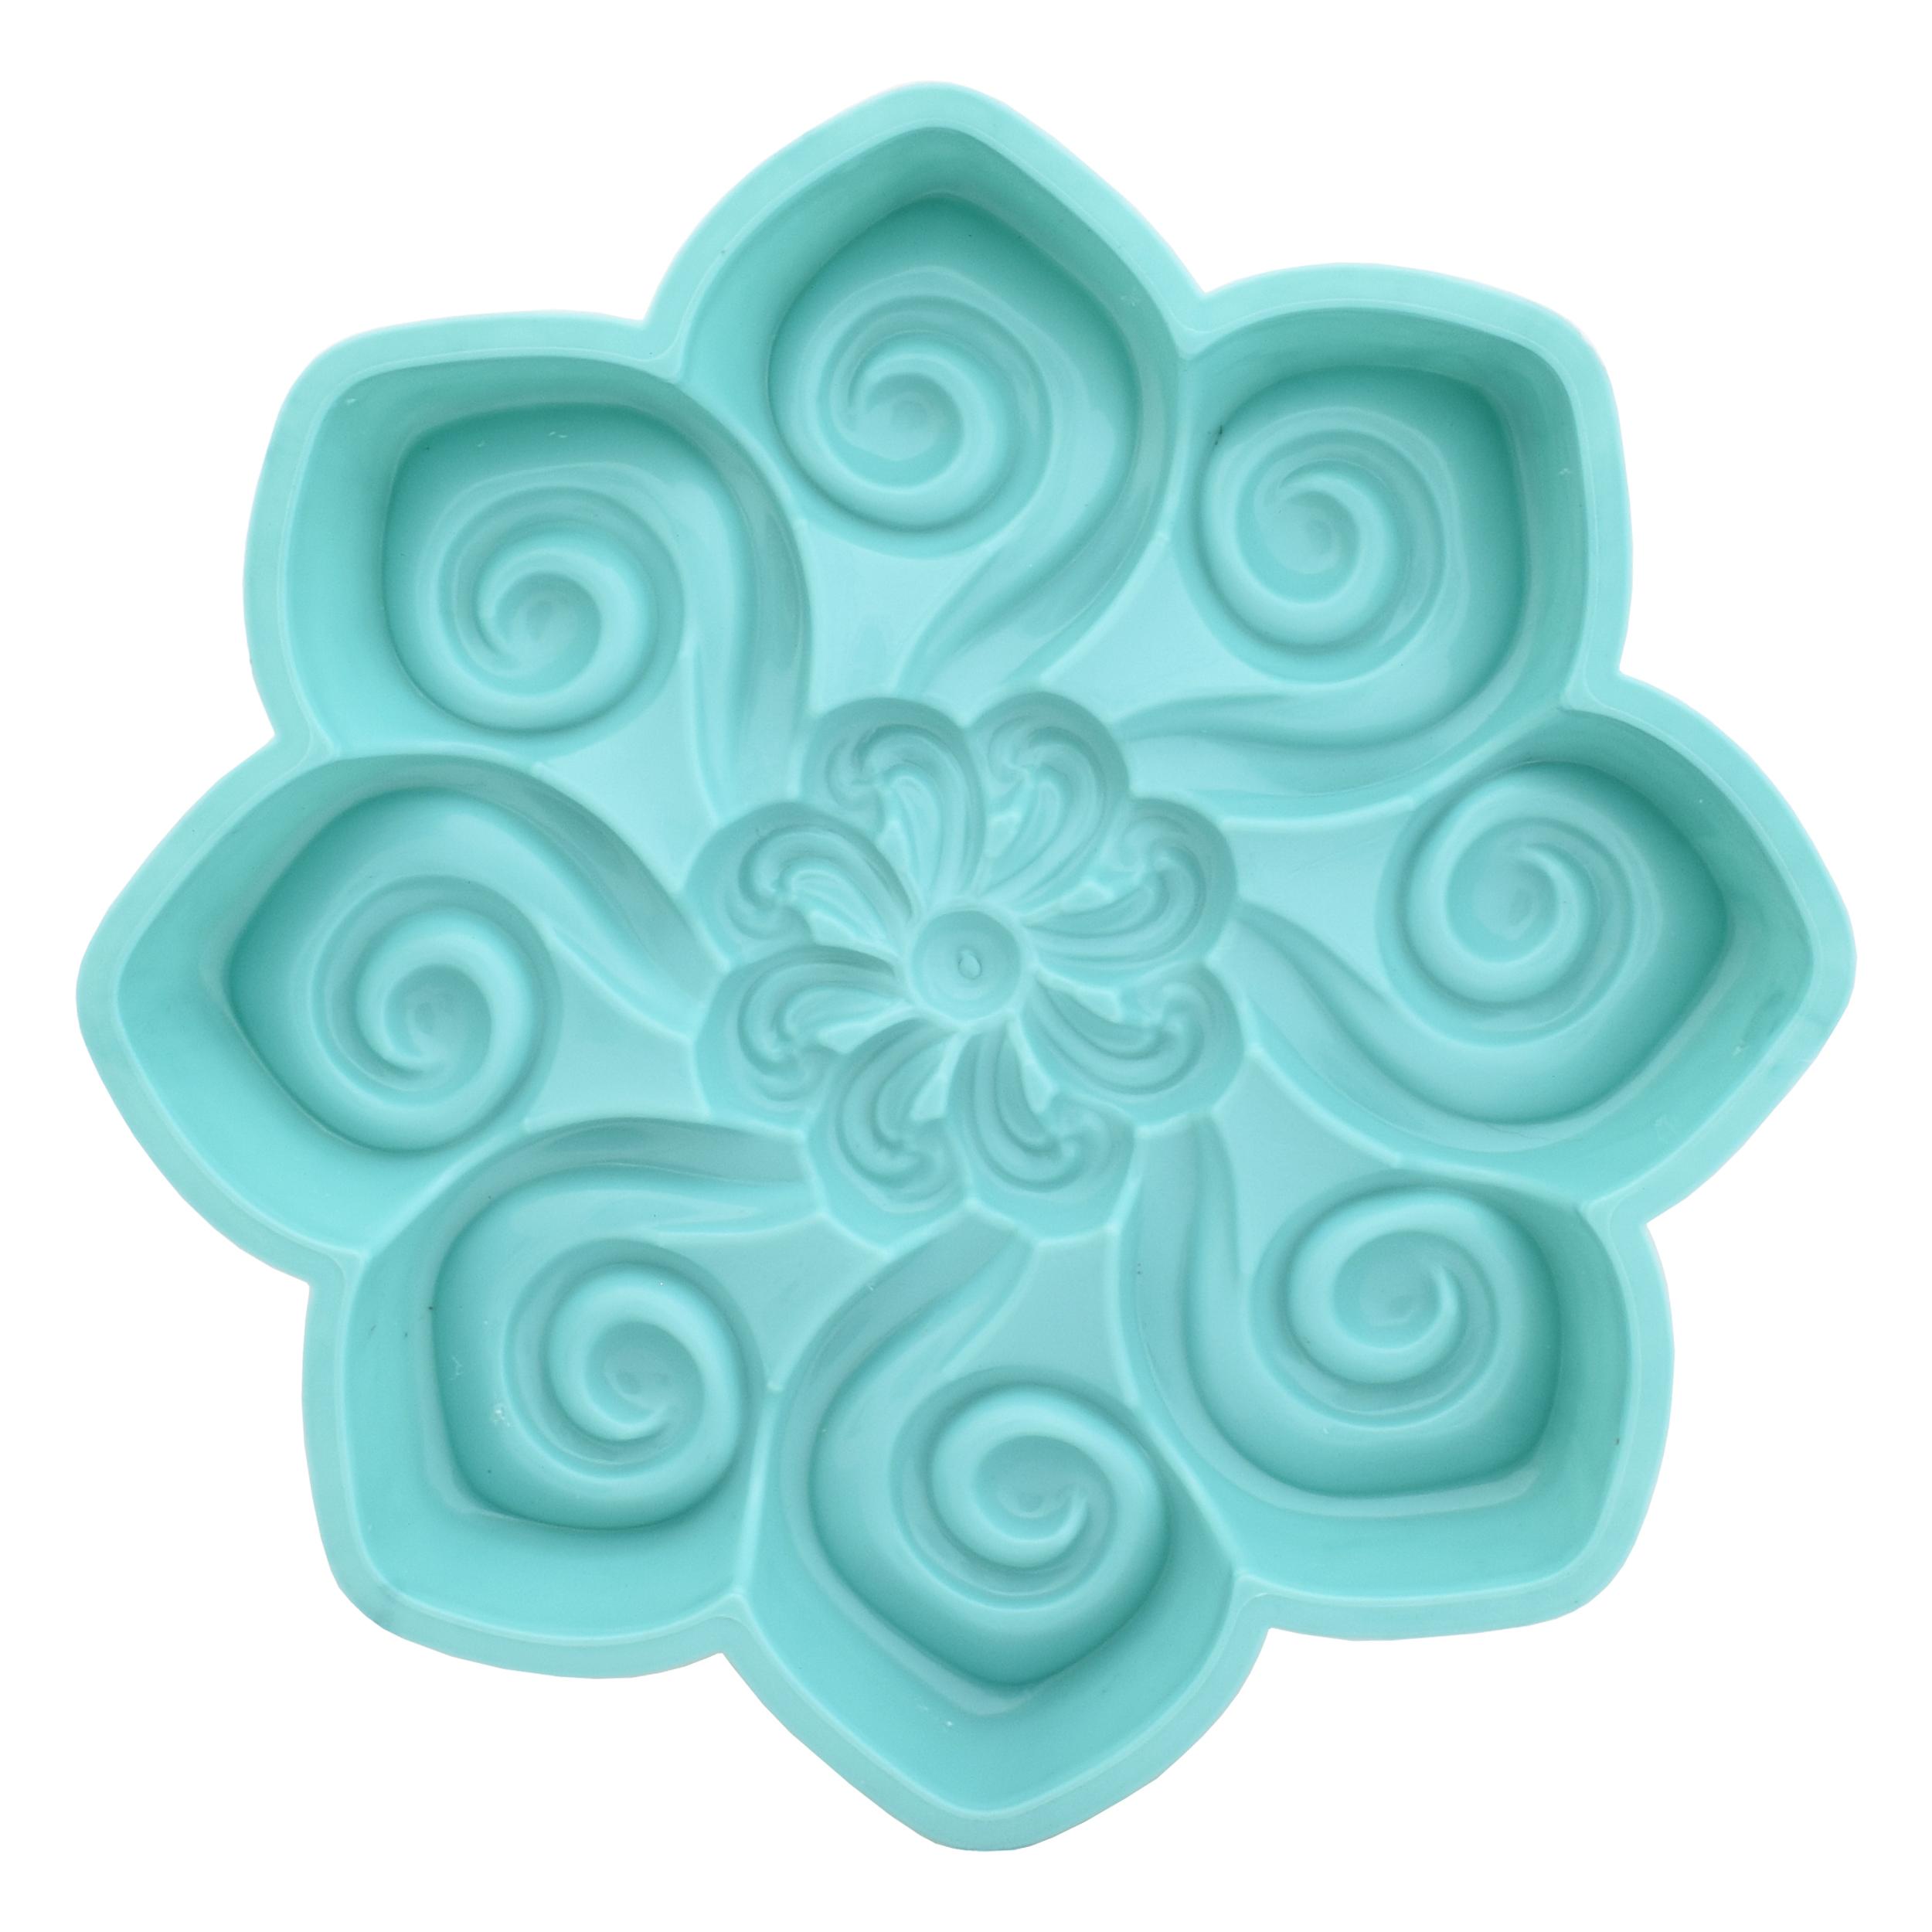 قالب ژله مدل گل کد 3040 thumb 1